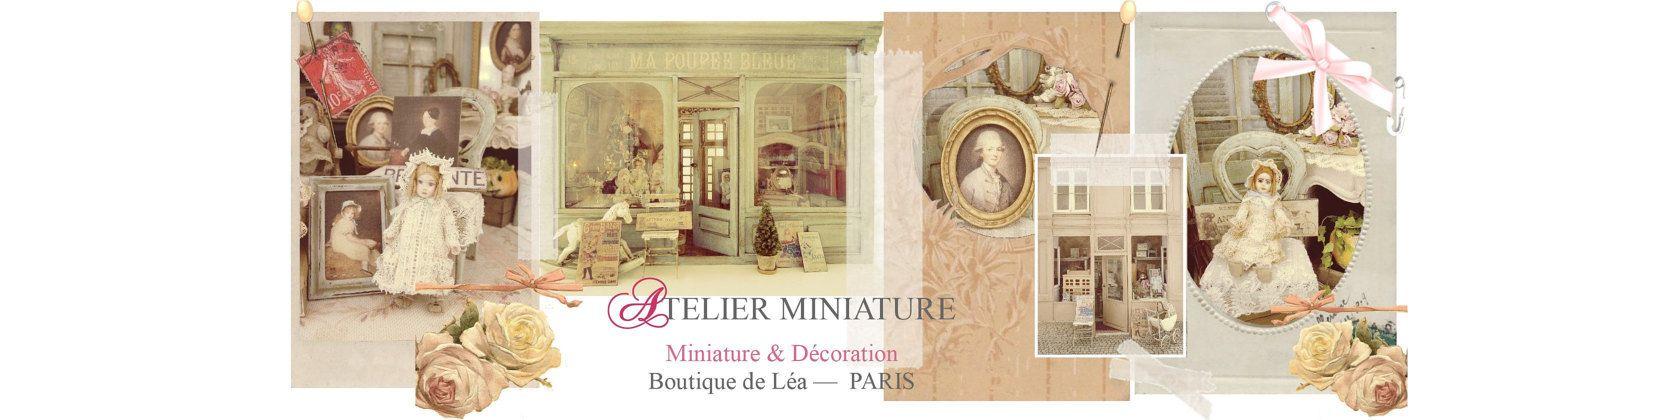 Boutique de Léa Miniature House French by AtelierMiniature